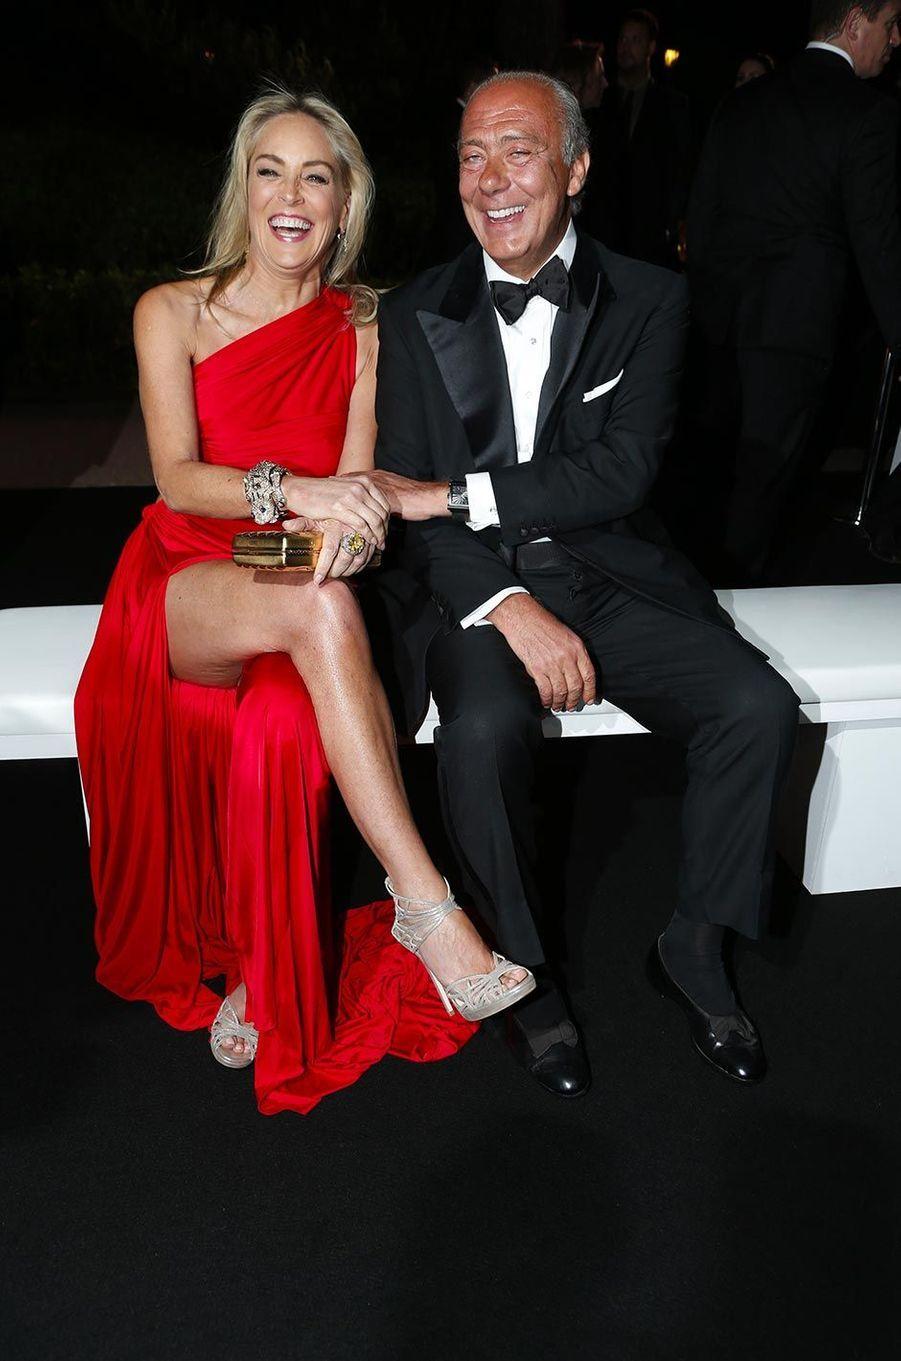 Sharon Stone à la soirée de Grisogono à l'hôtel du Cap-Eden-Roc, en mai 2013.